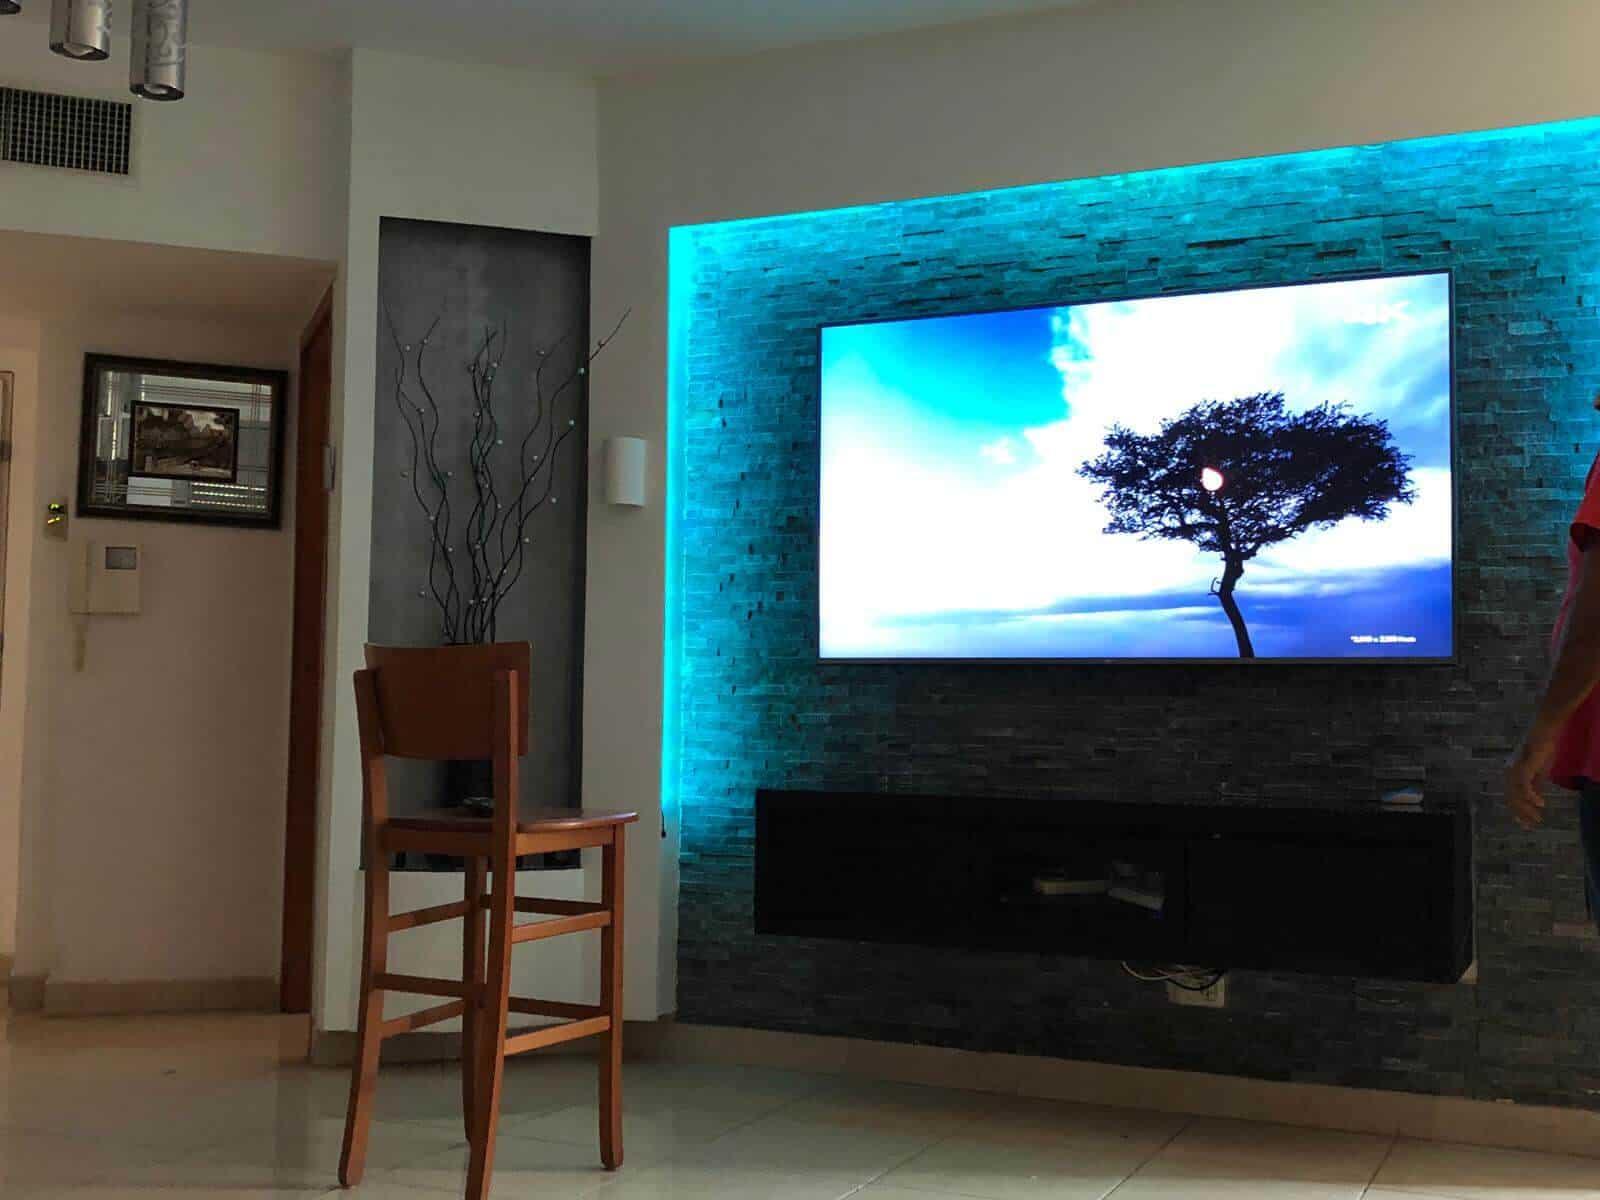 תמונת גלריה הגדול בהתקנות מתקין טלוויזיות מקצועי עם יחס אישי 54